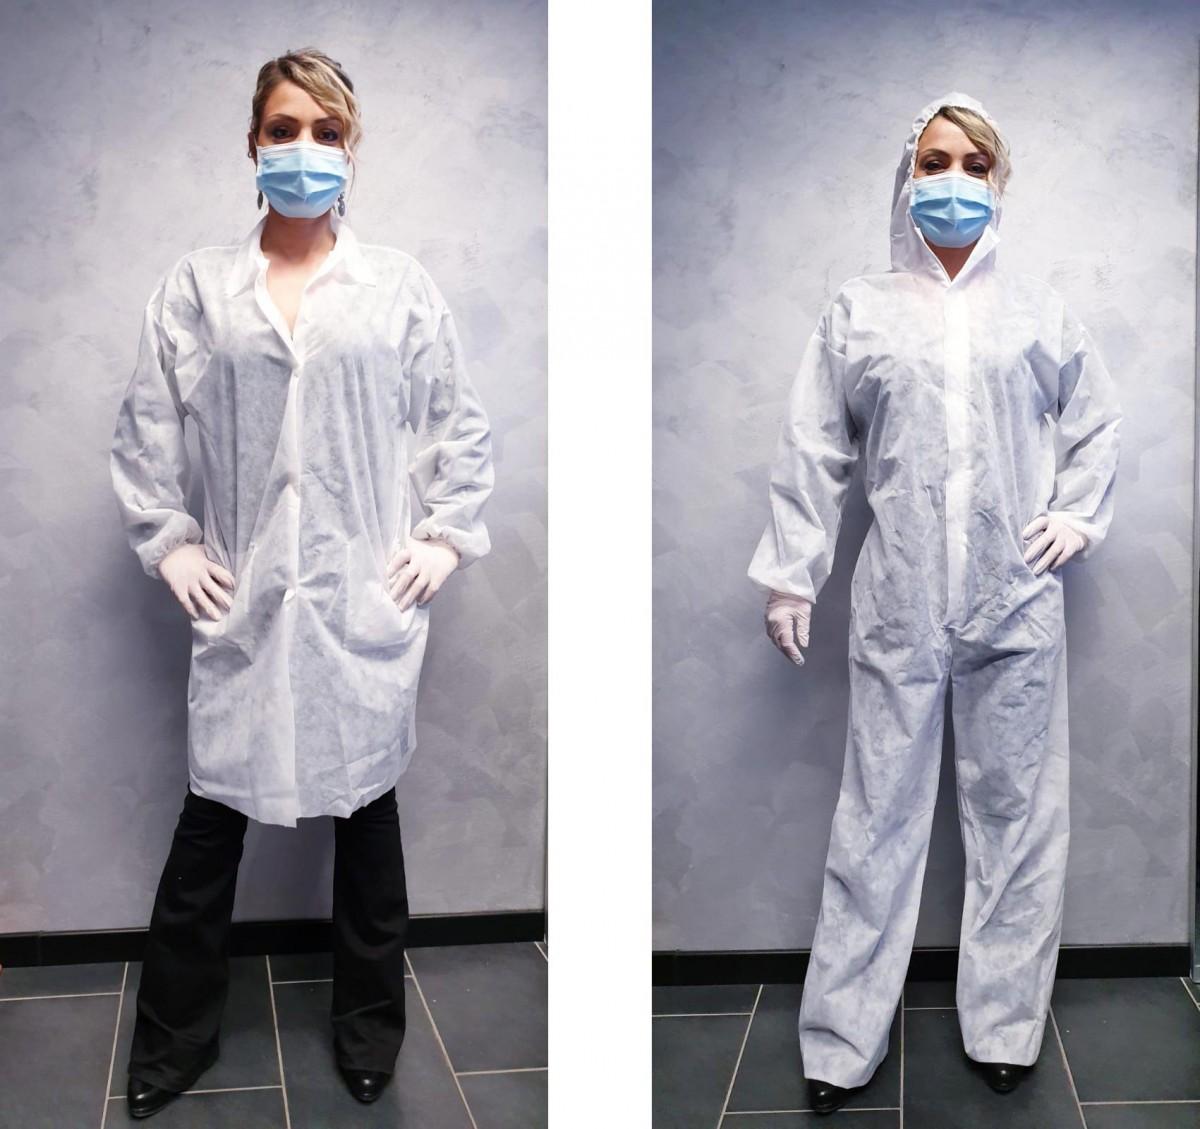 CAMICI E TUTE Impermeabili e sterilizzabili